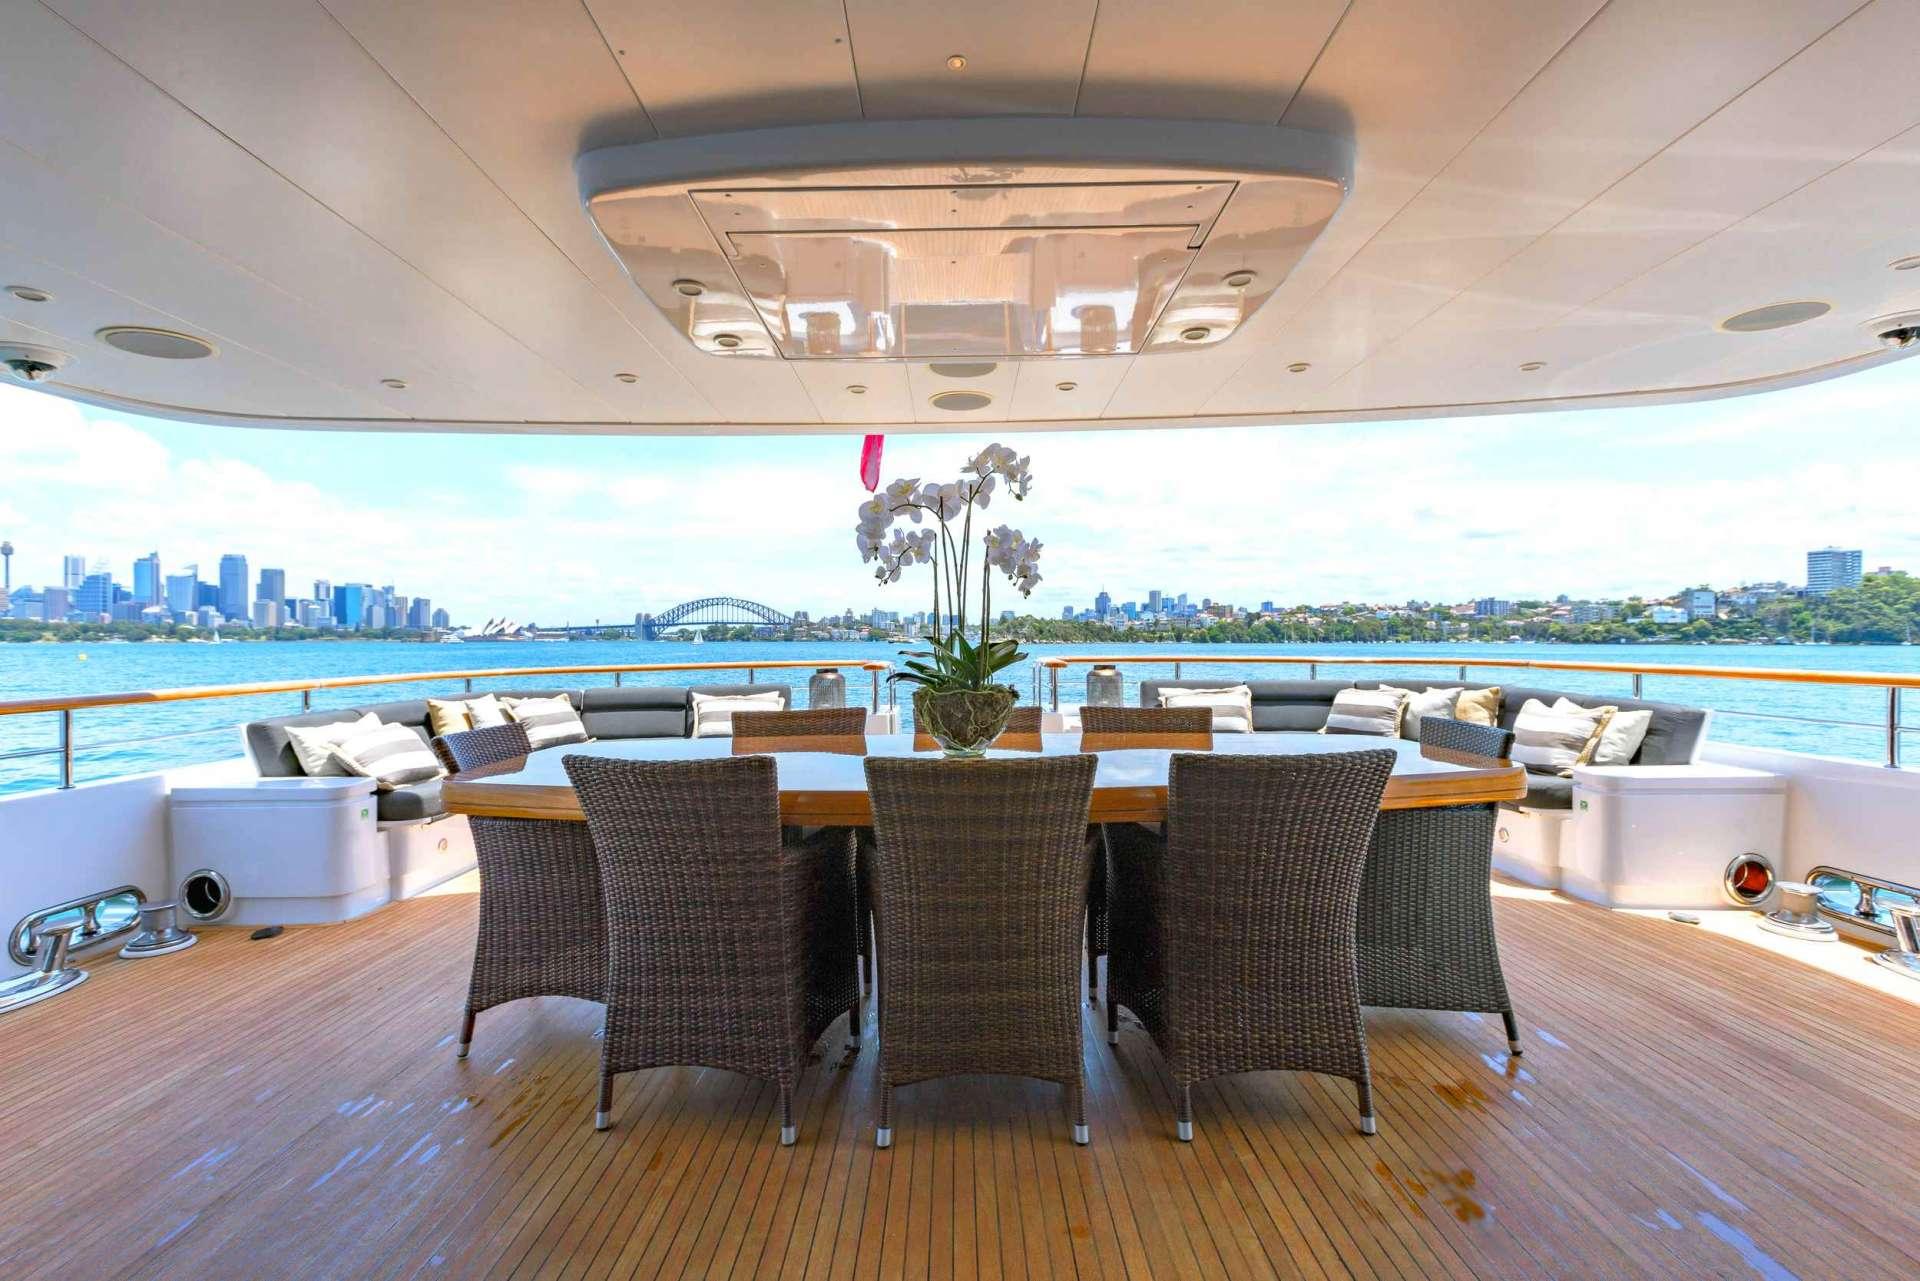 Image of MASTEKA 2 yacht #3